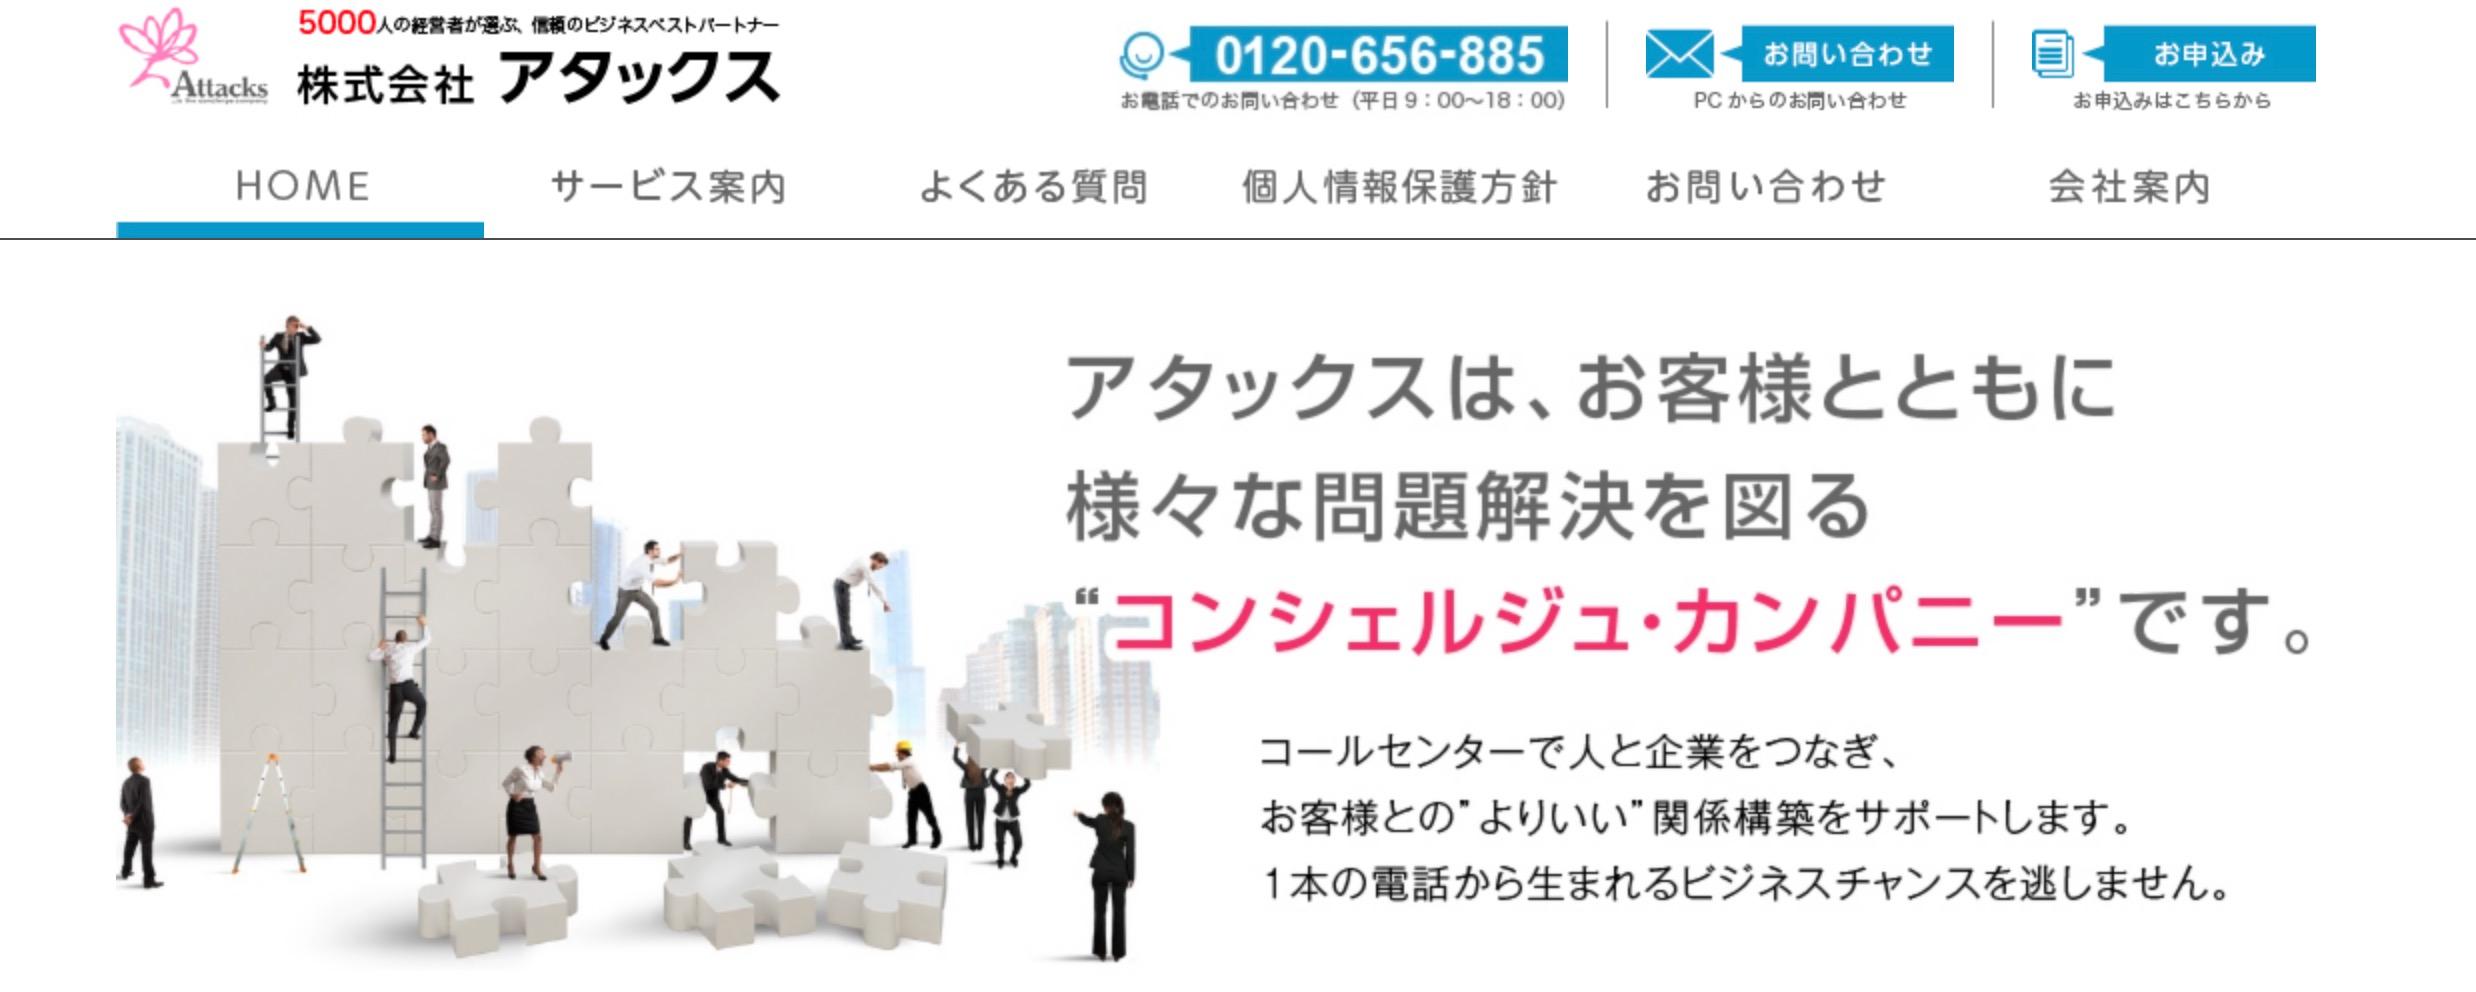 コールセンター代行 アタックス